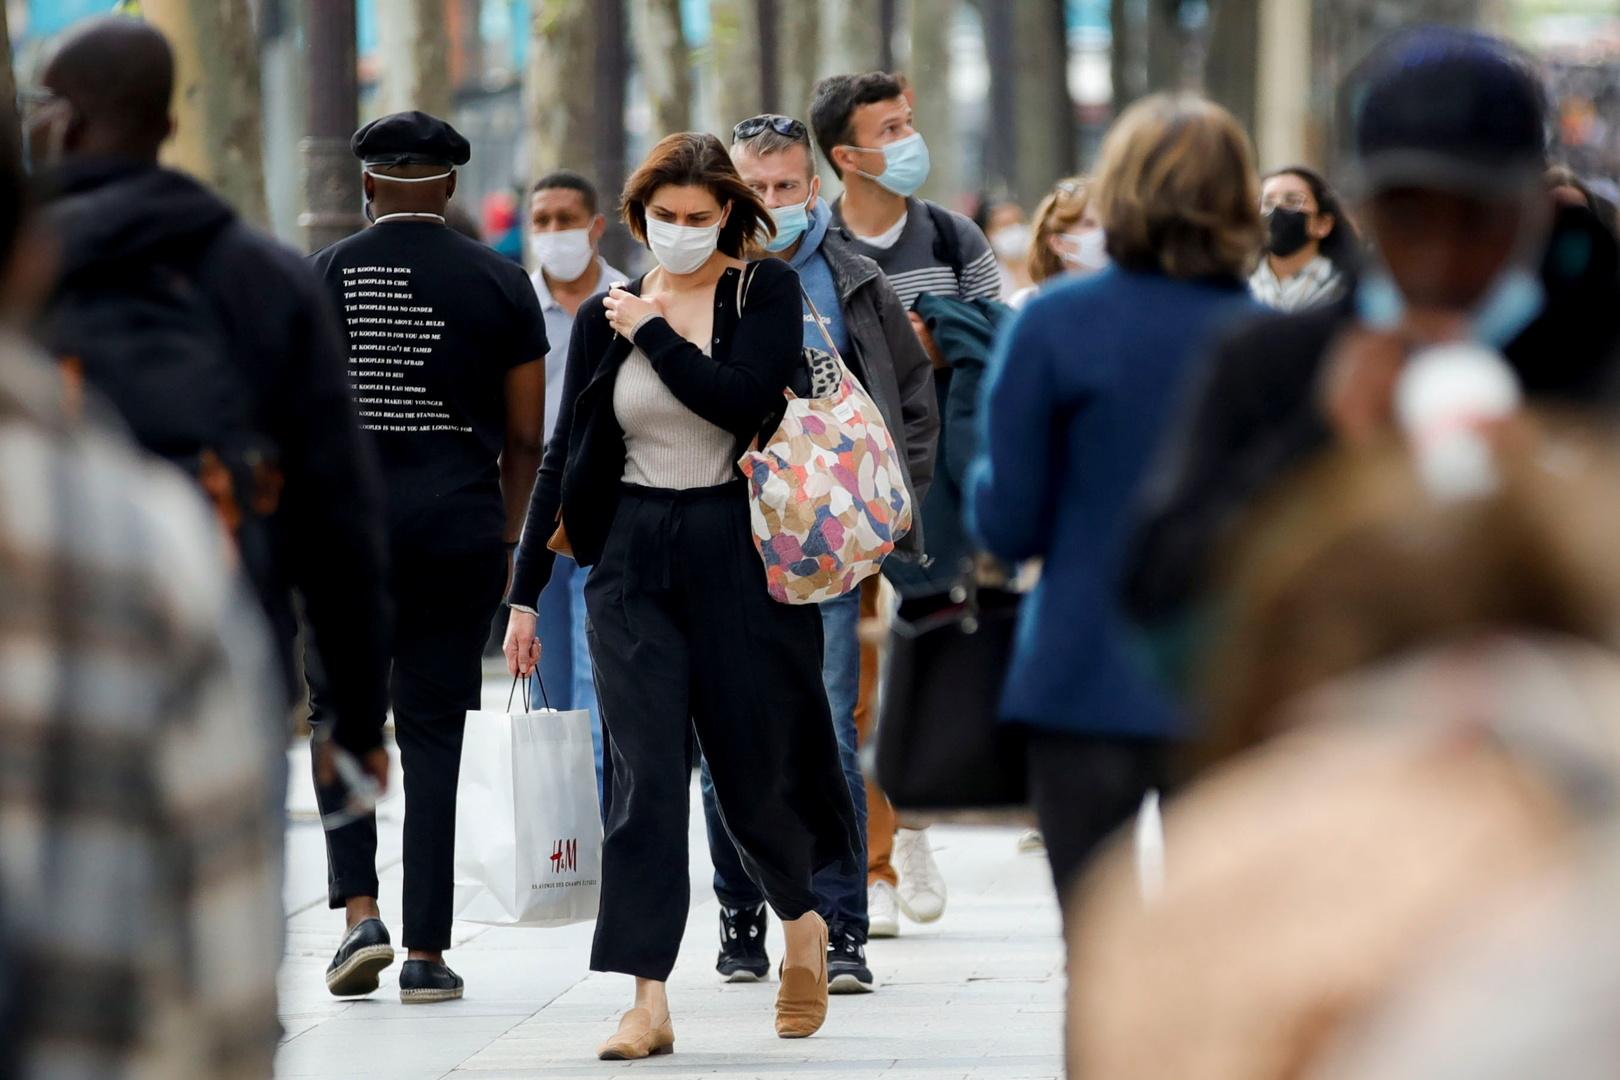 إسبانيا تلغي إلزامية ارتداء الكمامات الأماكن العامة قريبا